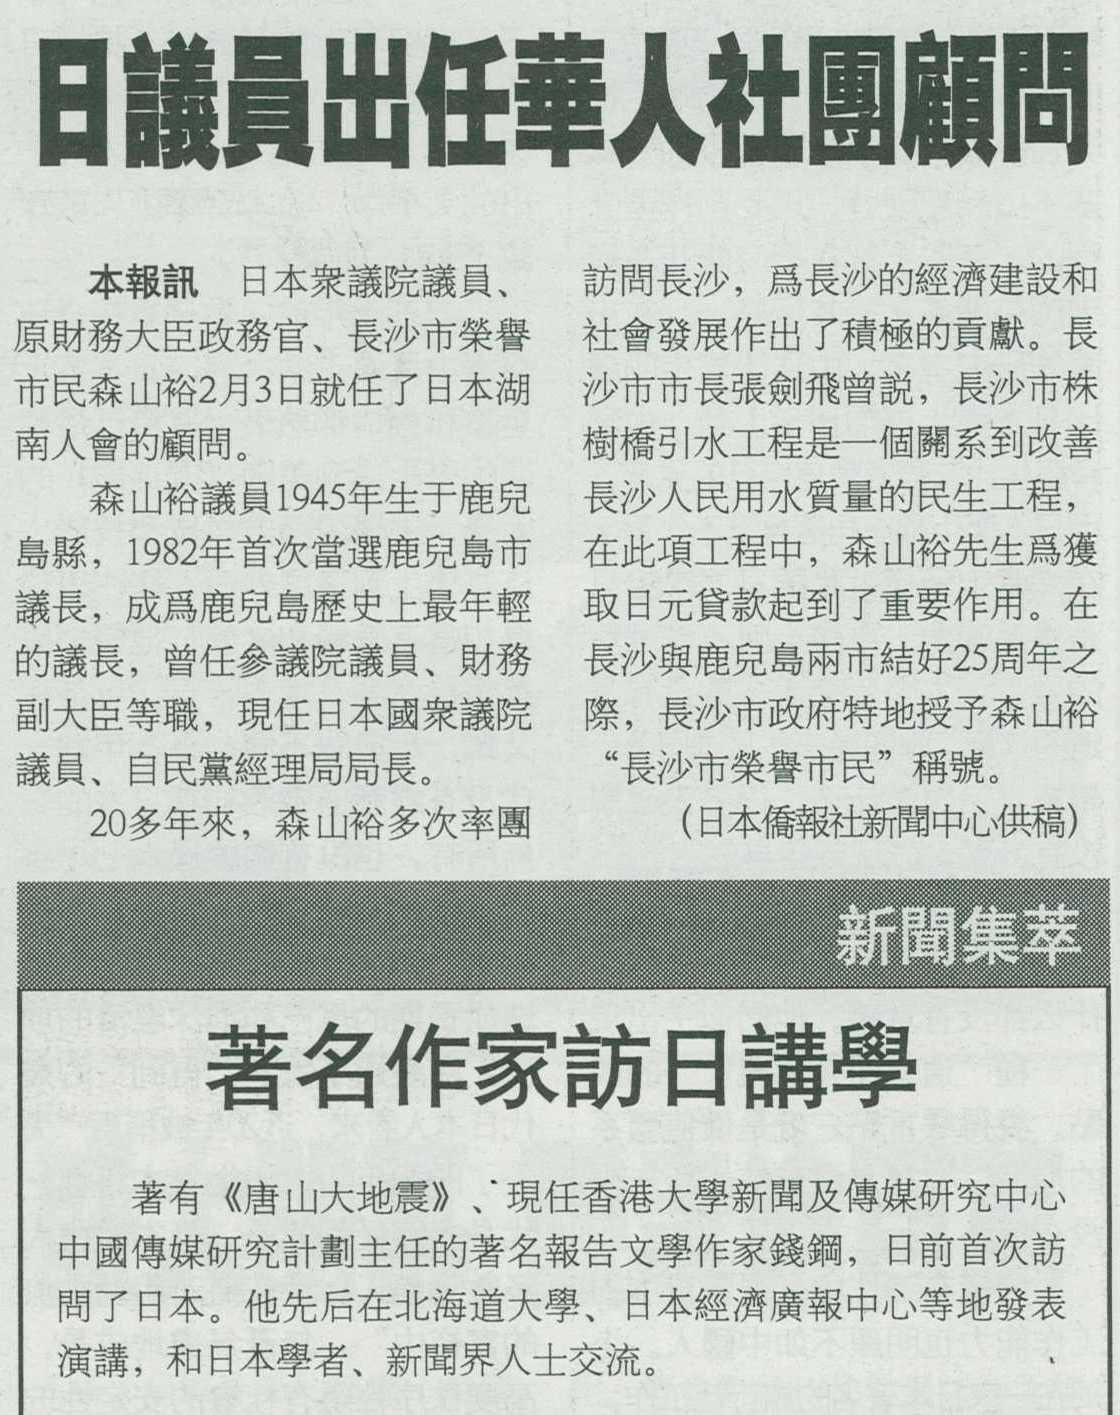 森山ひろし衆議院議員 日本湖南人会顧問就任の記事 陽光導報_d0027795_20253050.jpg